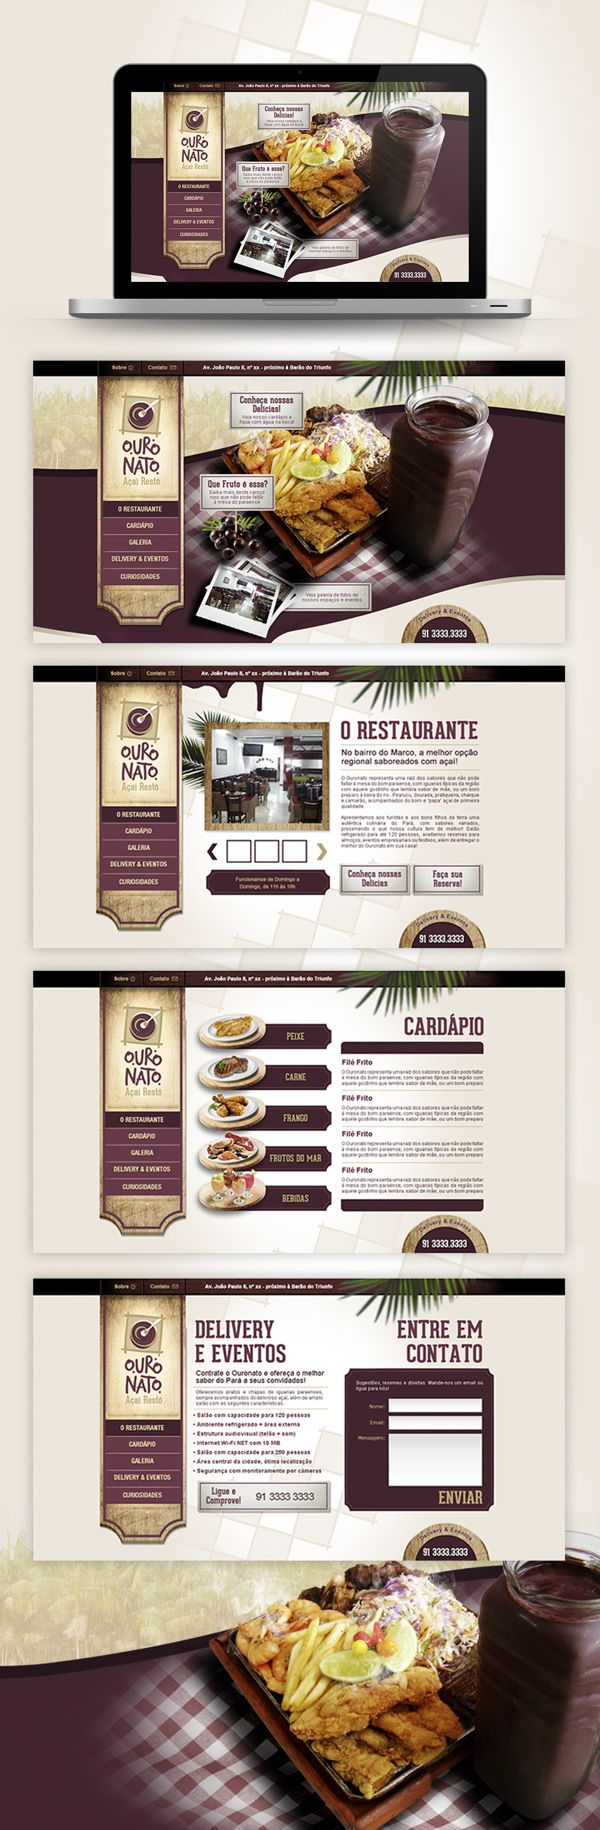 Site Restaurante Ouronato by Robson Bandeira, via Behance